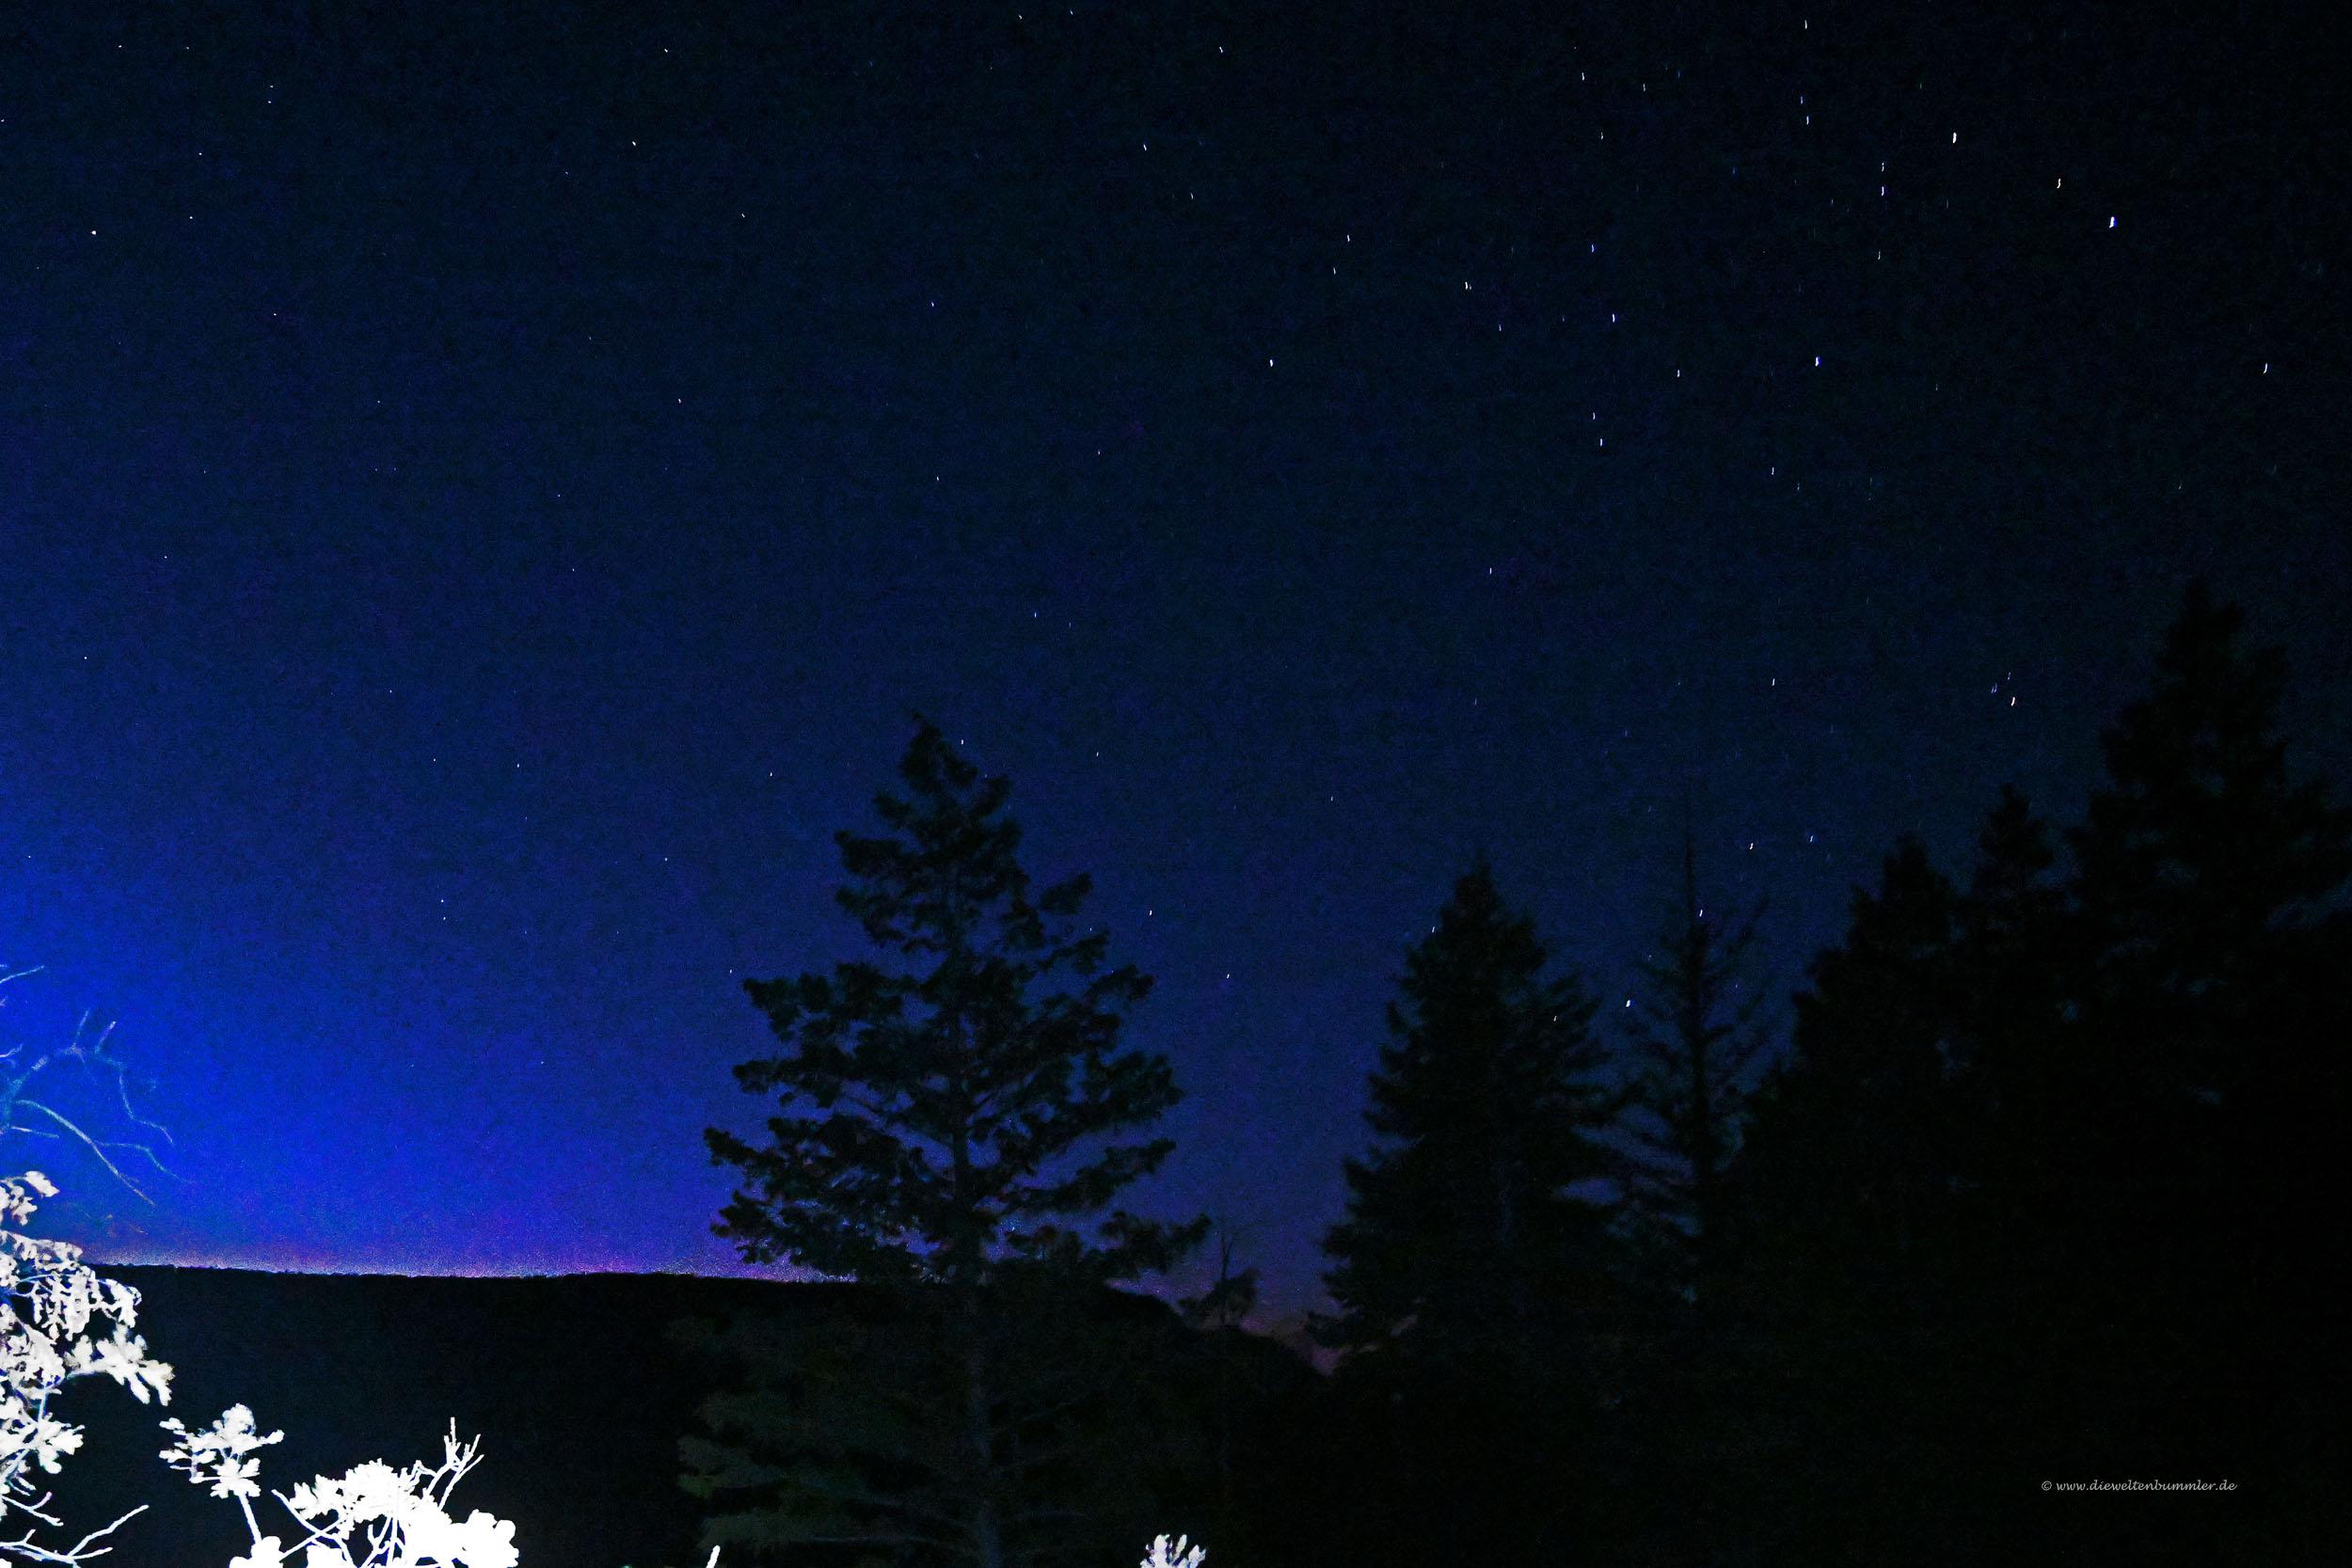 Sternklarer Himmel